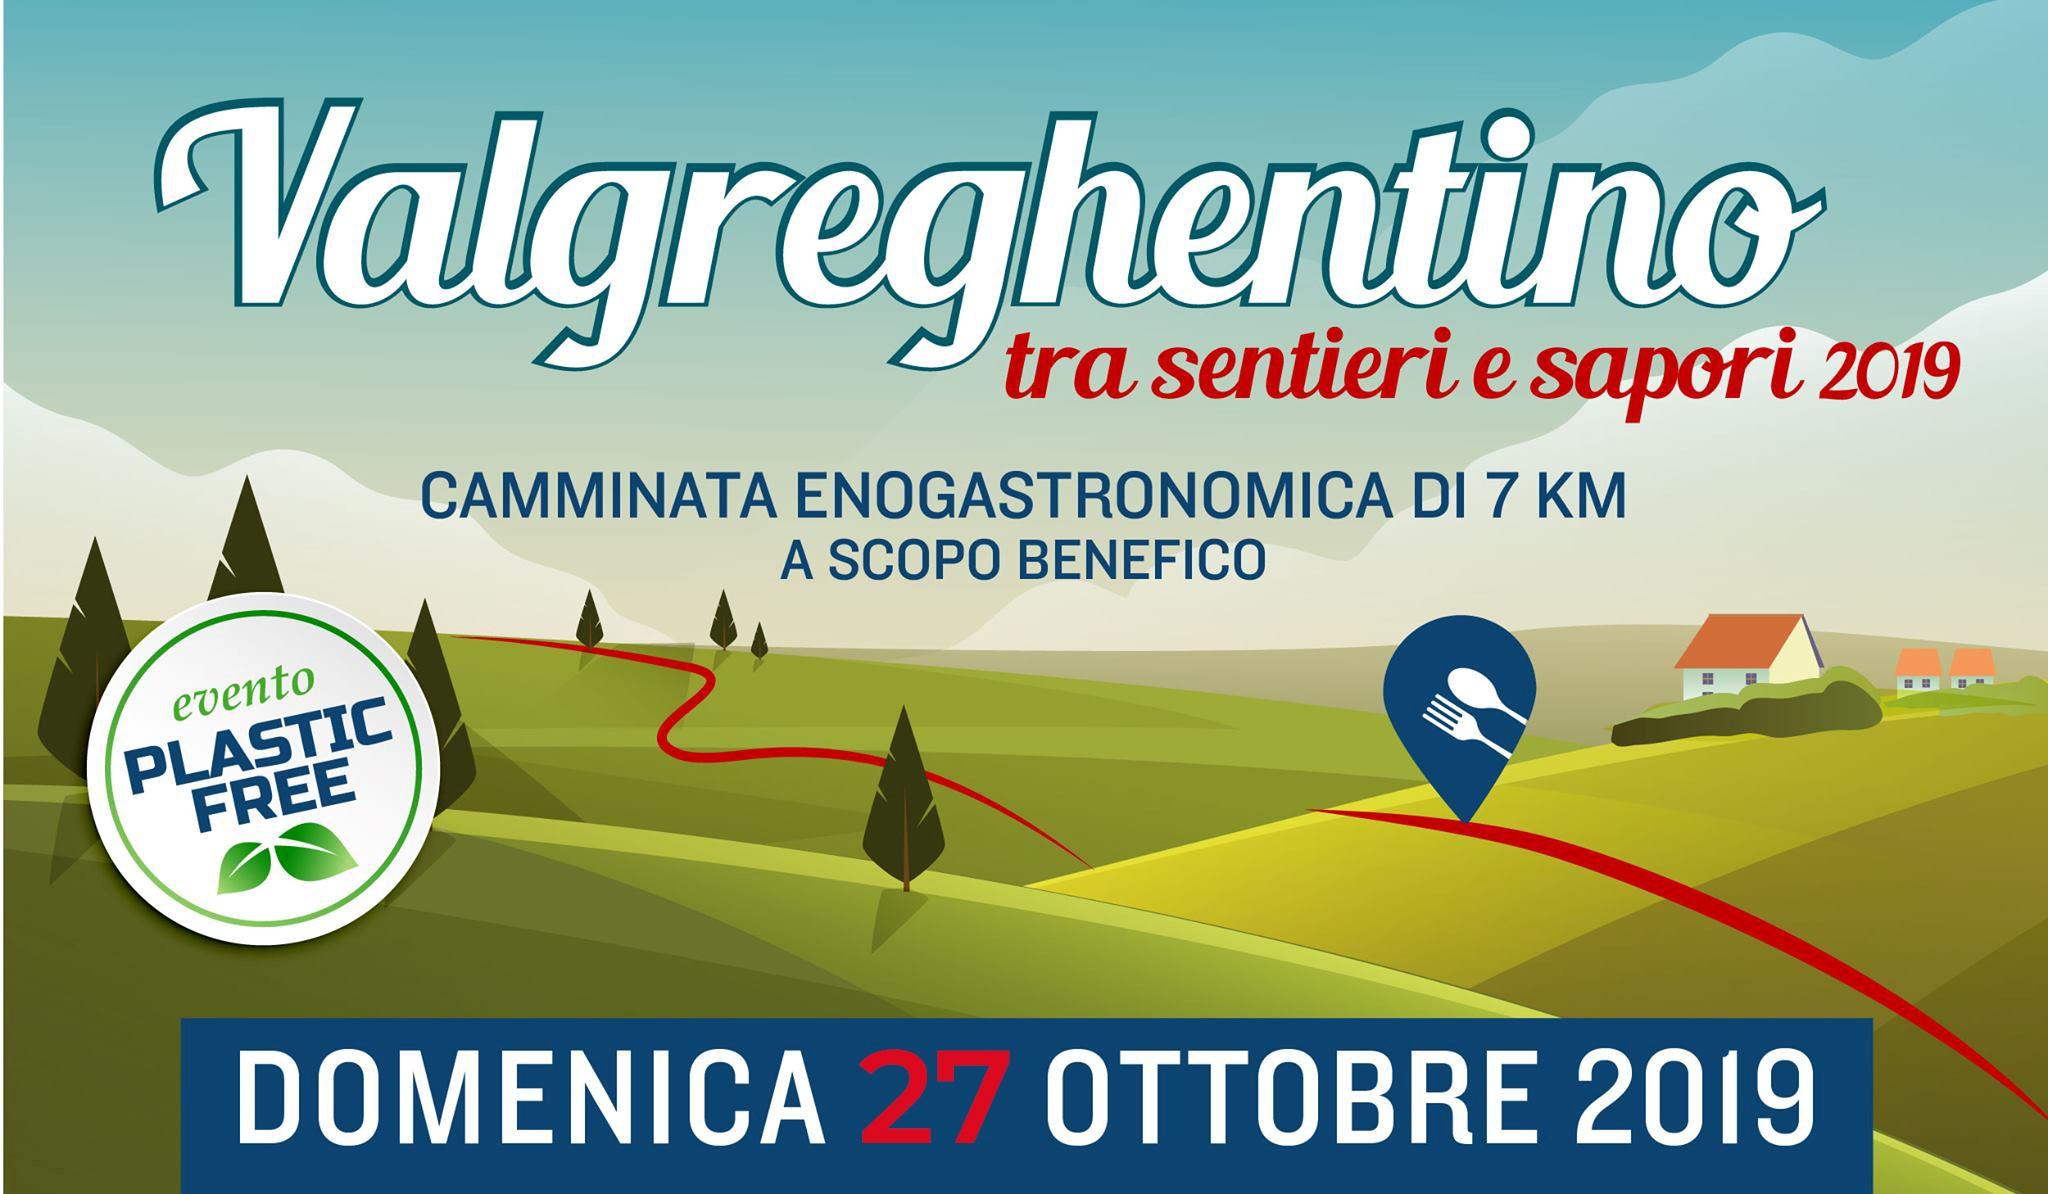 Domenica 27 ottobre 2019 Valgreghentino tra sentieri e sapori, camminata enogastronomica. Herba Monstrum, birre artigianali alla spina.